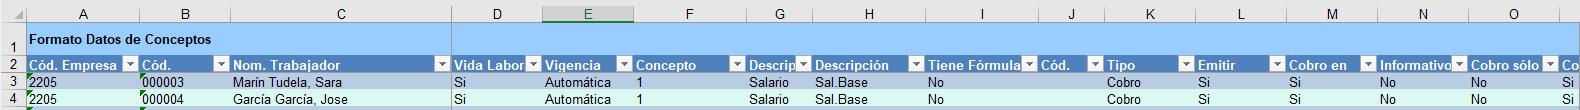 formato datos conceptos